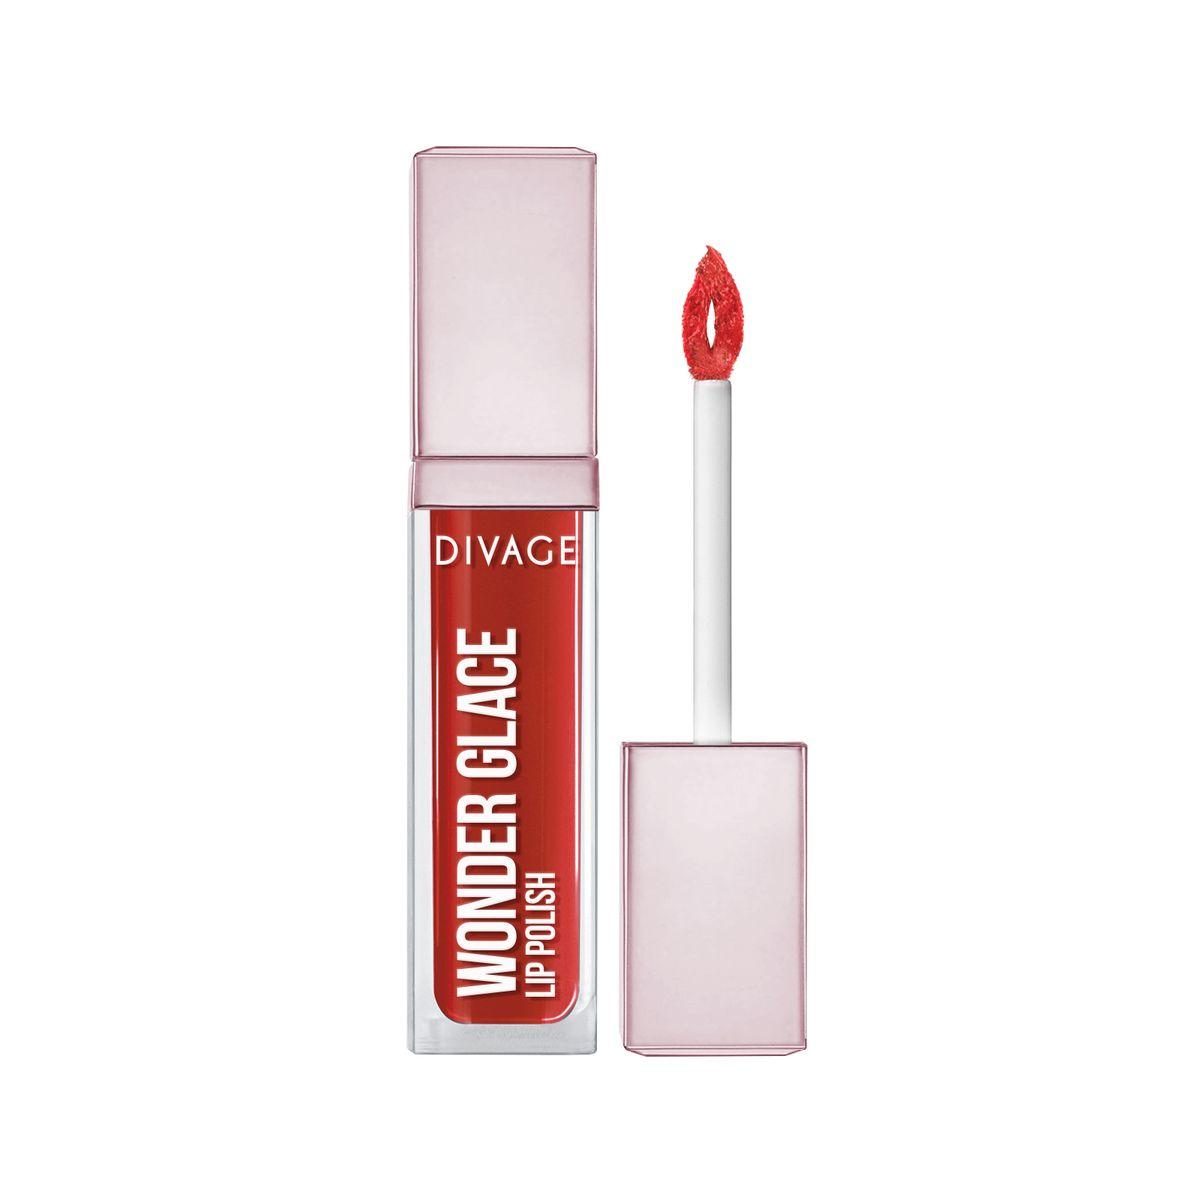 DIVAGE Лак для губ WONDER GLACE, тон № 06, 5 мл009325DIVAGE приготовил для тебя отличный подарок - лак для губ с инновационной формулой, которая придает глубокий и насыщенный цвет.Роскошное глянцевое сияние на твоих губах сделает макияж особенным и неповторимым. 8 самых актуальных оттенков, чтобы ты могла выглядеть ярко и привлекательно в любой ситуации. Особая форма аппликатора позволяет идеально прокрашивать губы и делает нанесение более комфортным. Лак не только смотрится ярко, но и увлажняет и защищает твои губы. Будь самой неповторимой этой весной и восхищай всех роскошным блеском и невероятно насыщенным цветом с лаком для губ «WONDER GLACE» от DIVAGE!